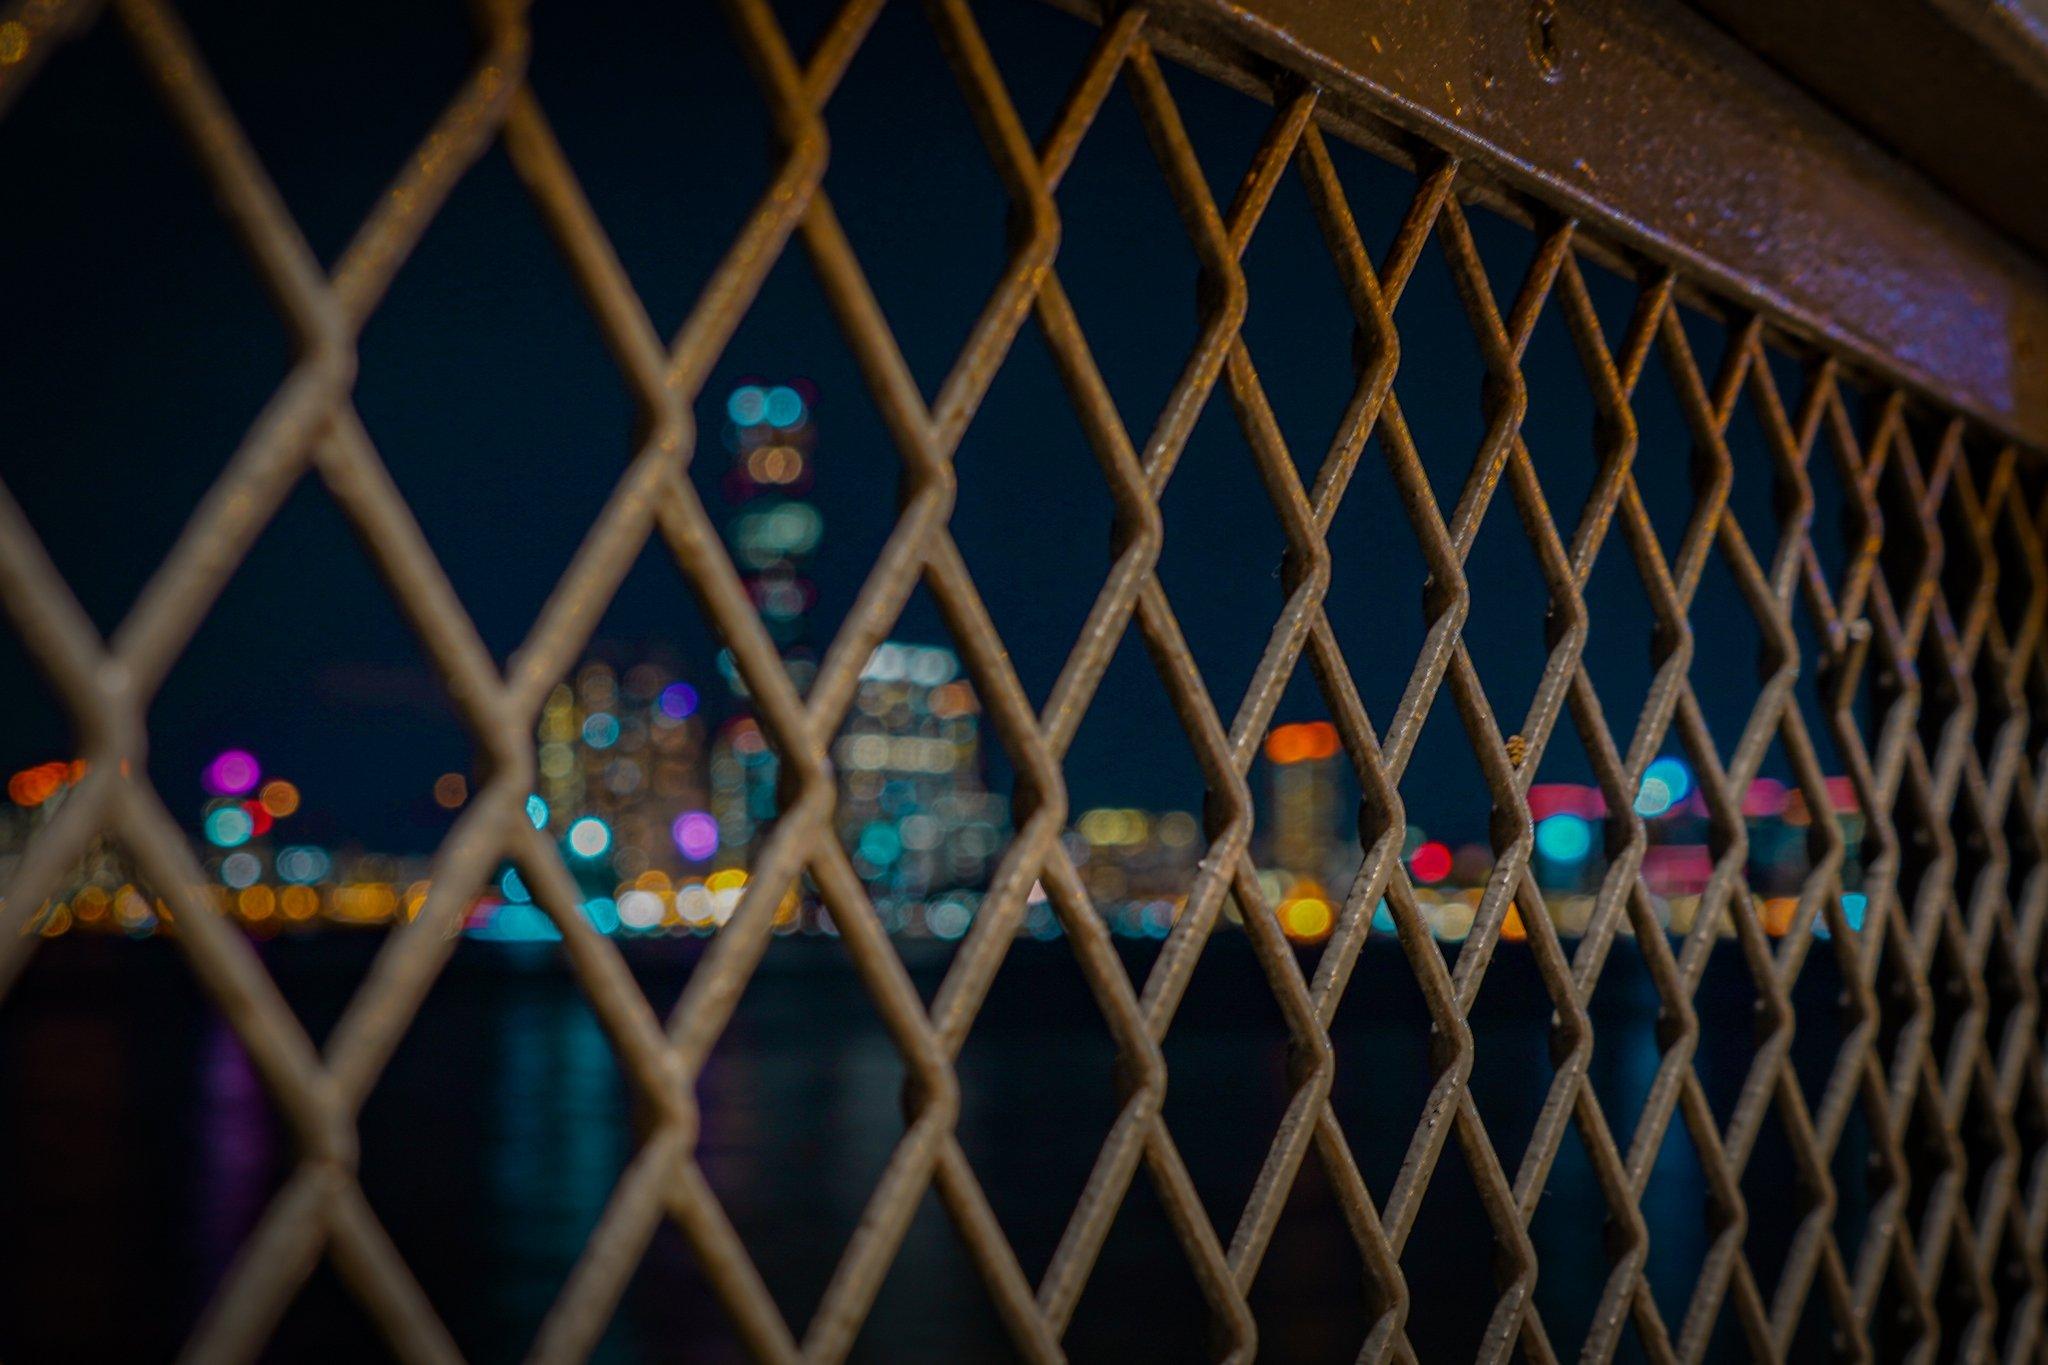 29. kowloon skyline